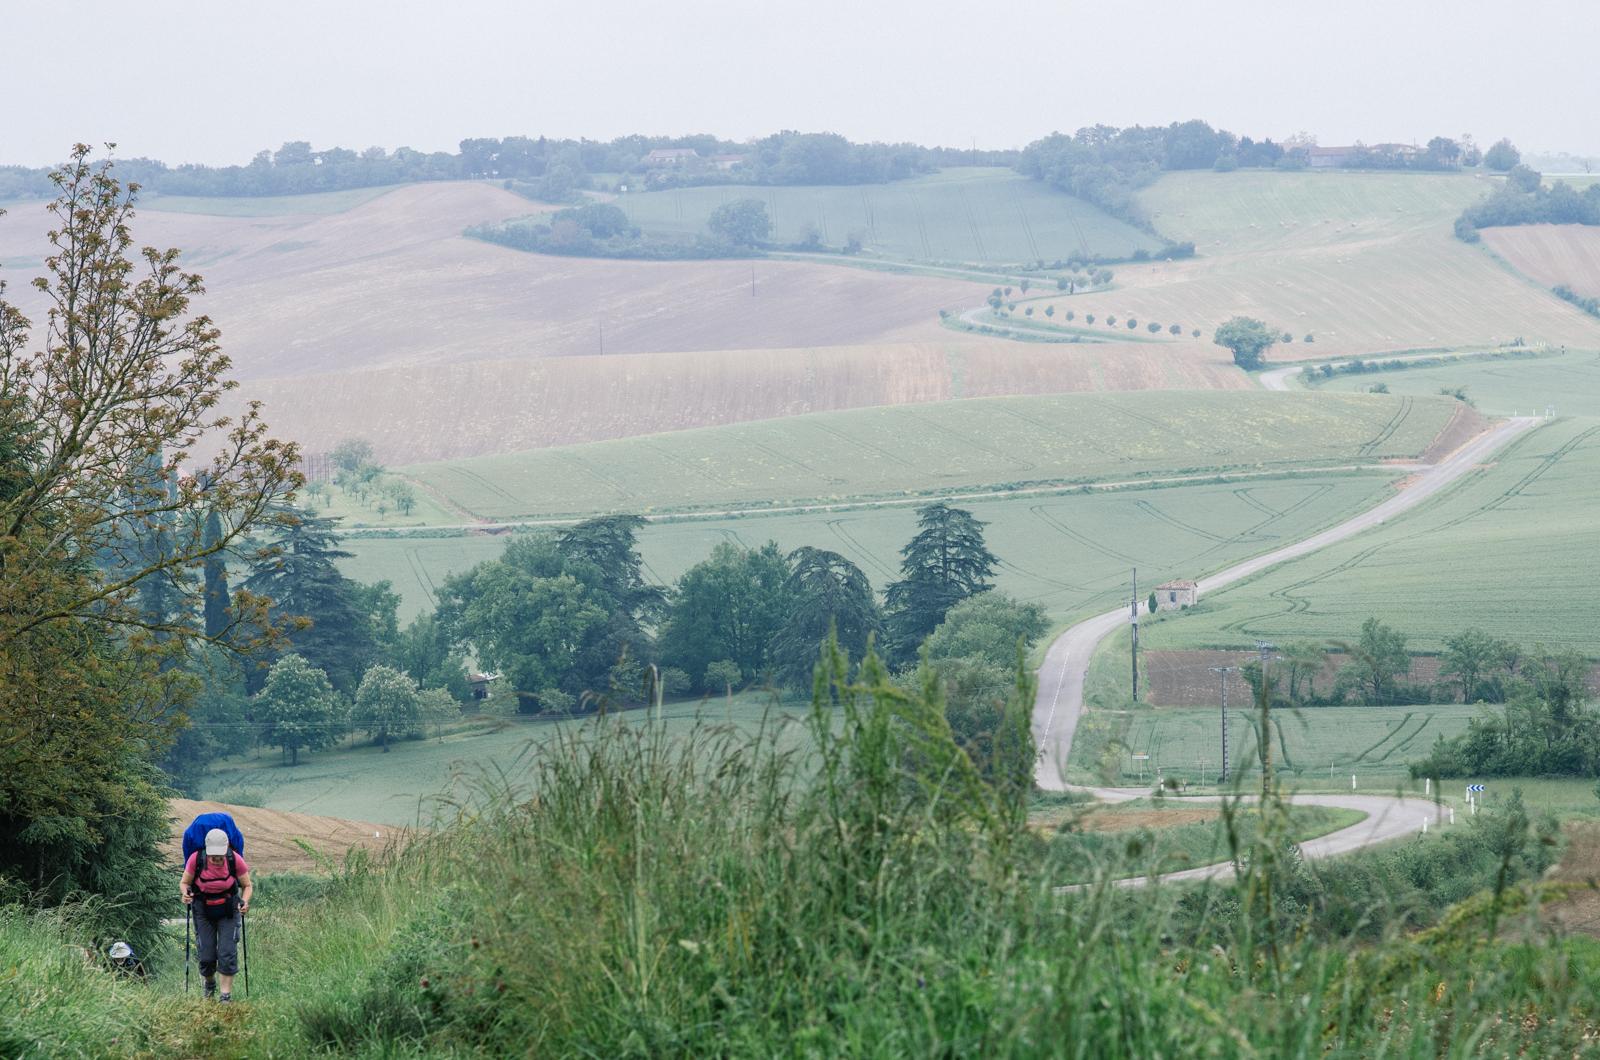 3 étapes sur le chemin de Compostelle - Carnet de voyage en France